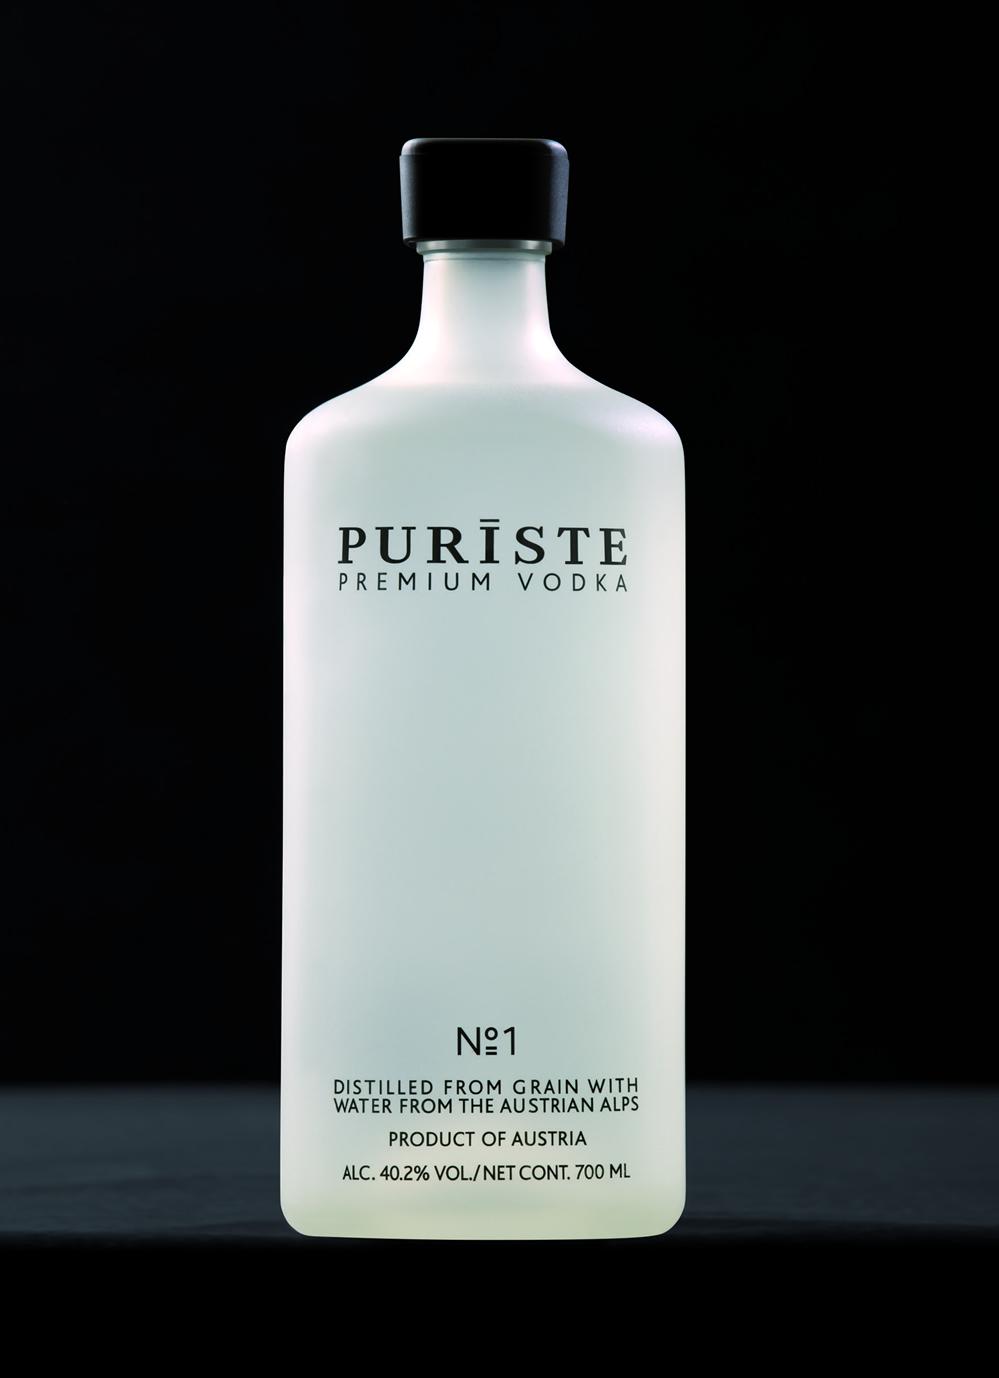 Puriste d finition c 39 est quoi - Definition de puriste ...